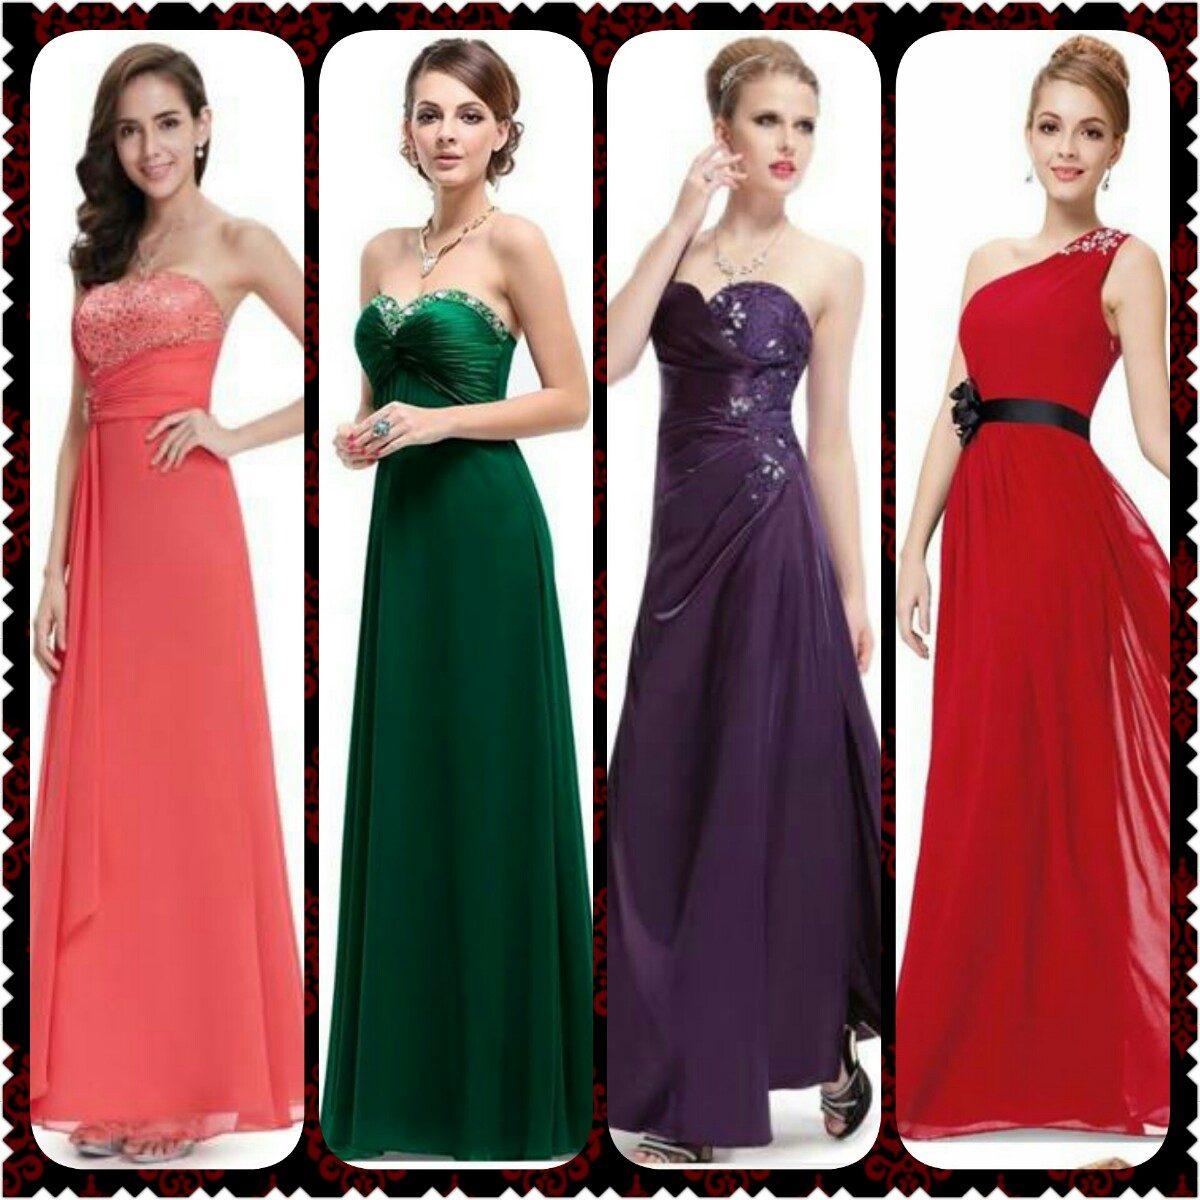 Ver vestidos de fiesta y precios